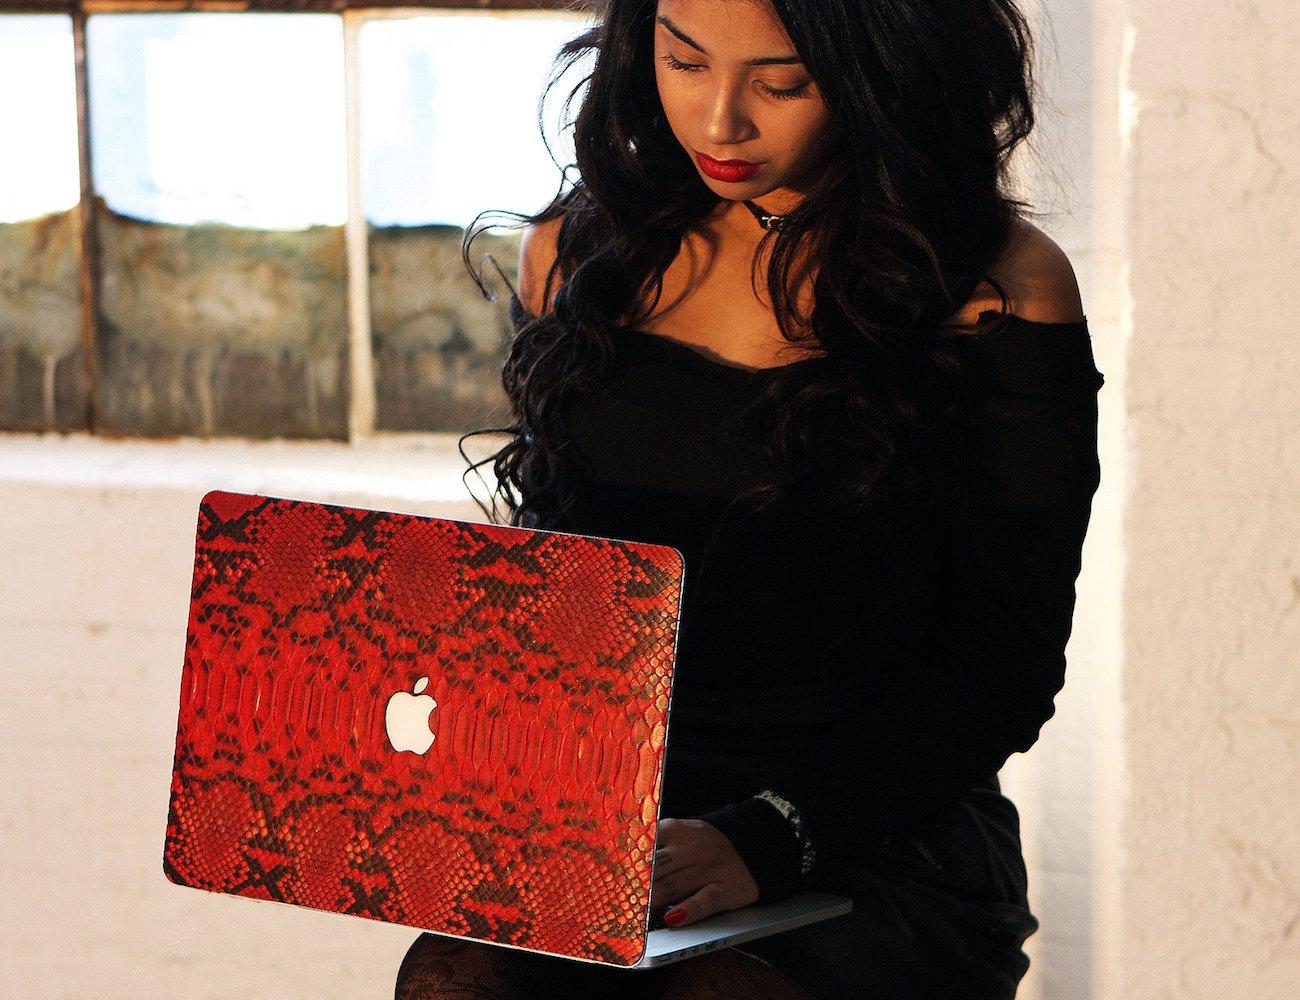 Red Python MacBook Case by ELEMNT